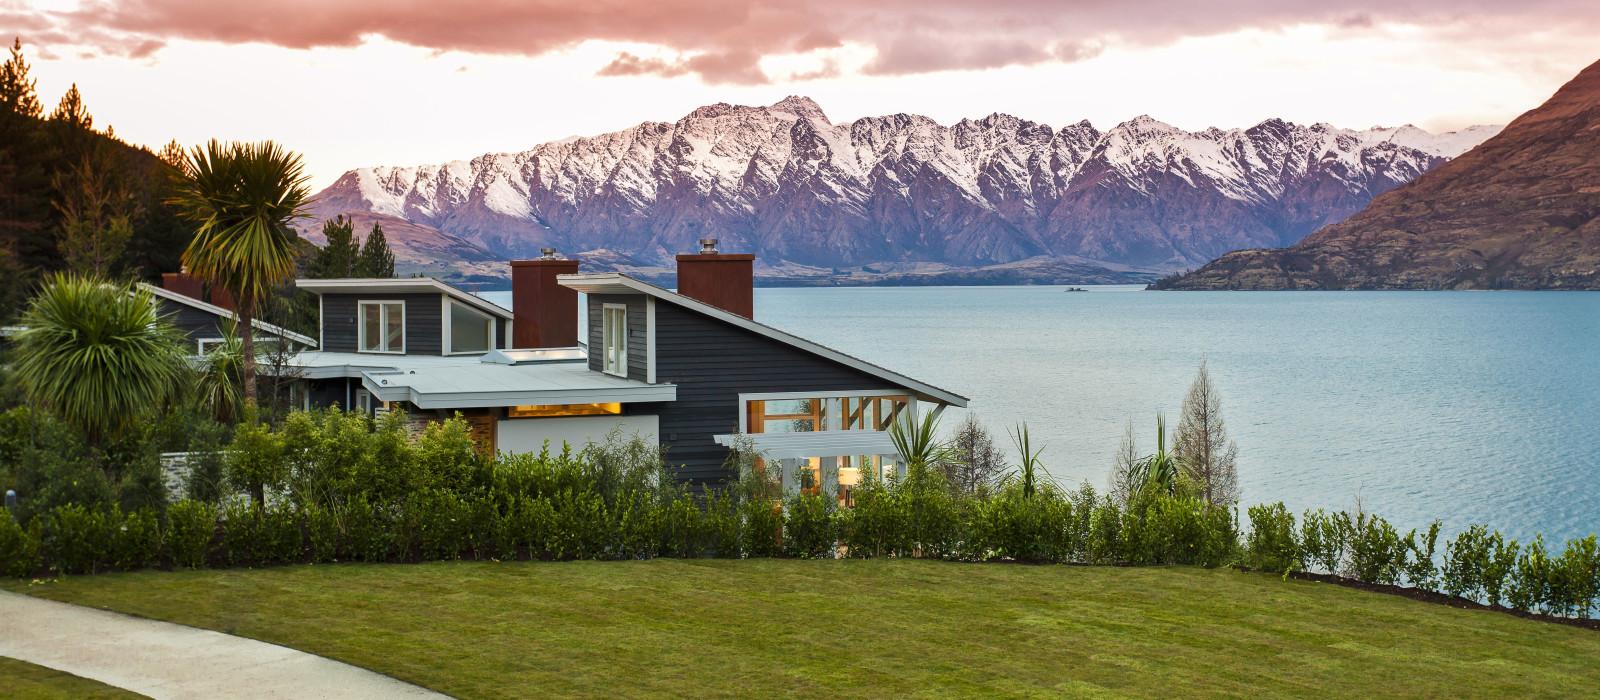 Hotel Matakauri Lodge New Zealand